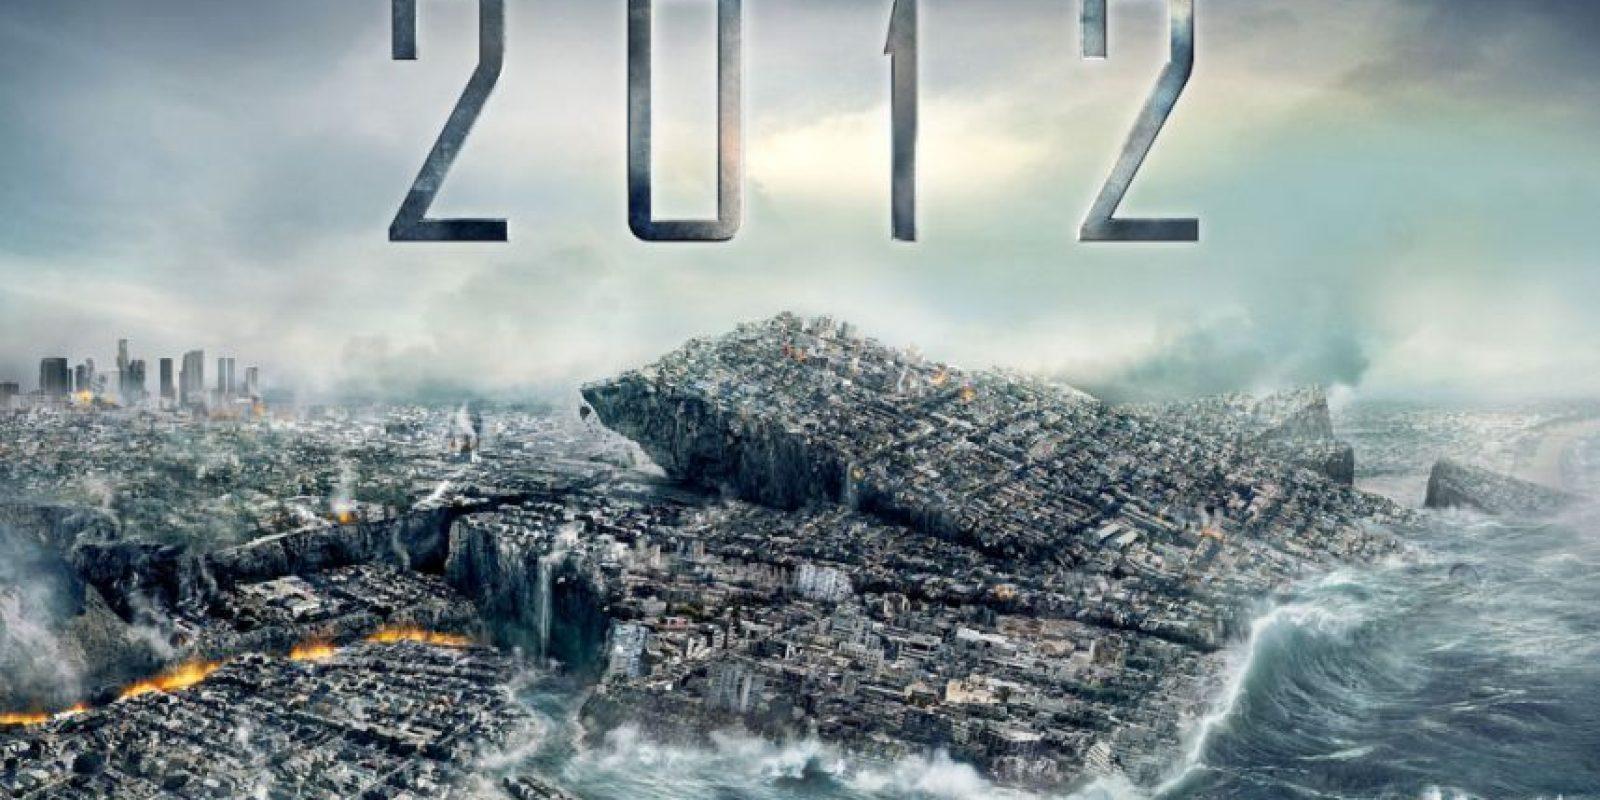 El fenómeno de 2012 se originó gracias a una errónea interpretación del Calendario Maya. Foto:vía Paramount